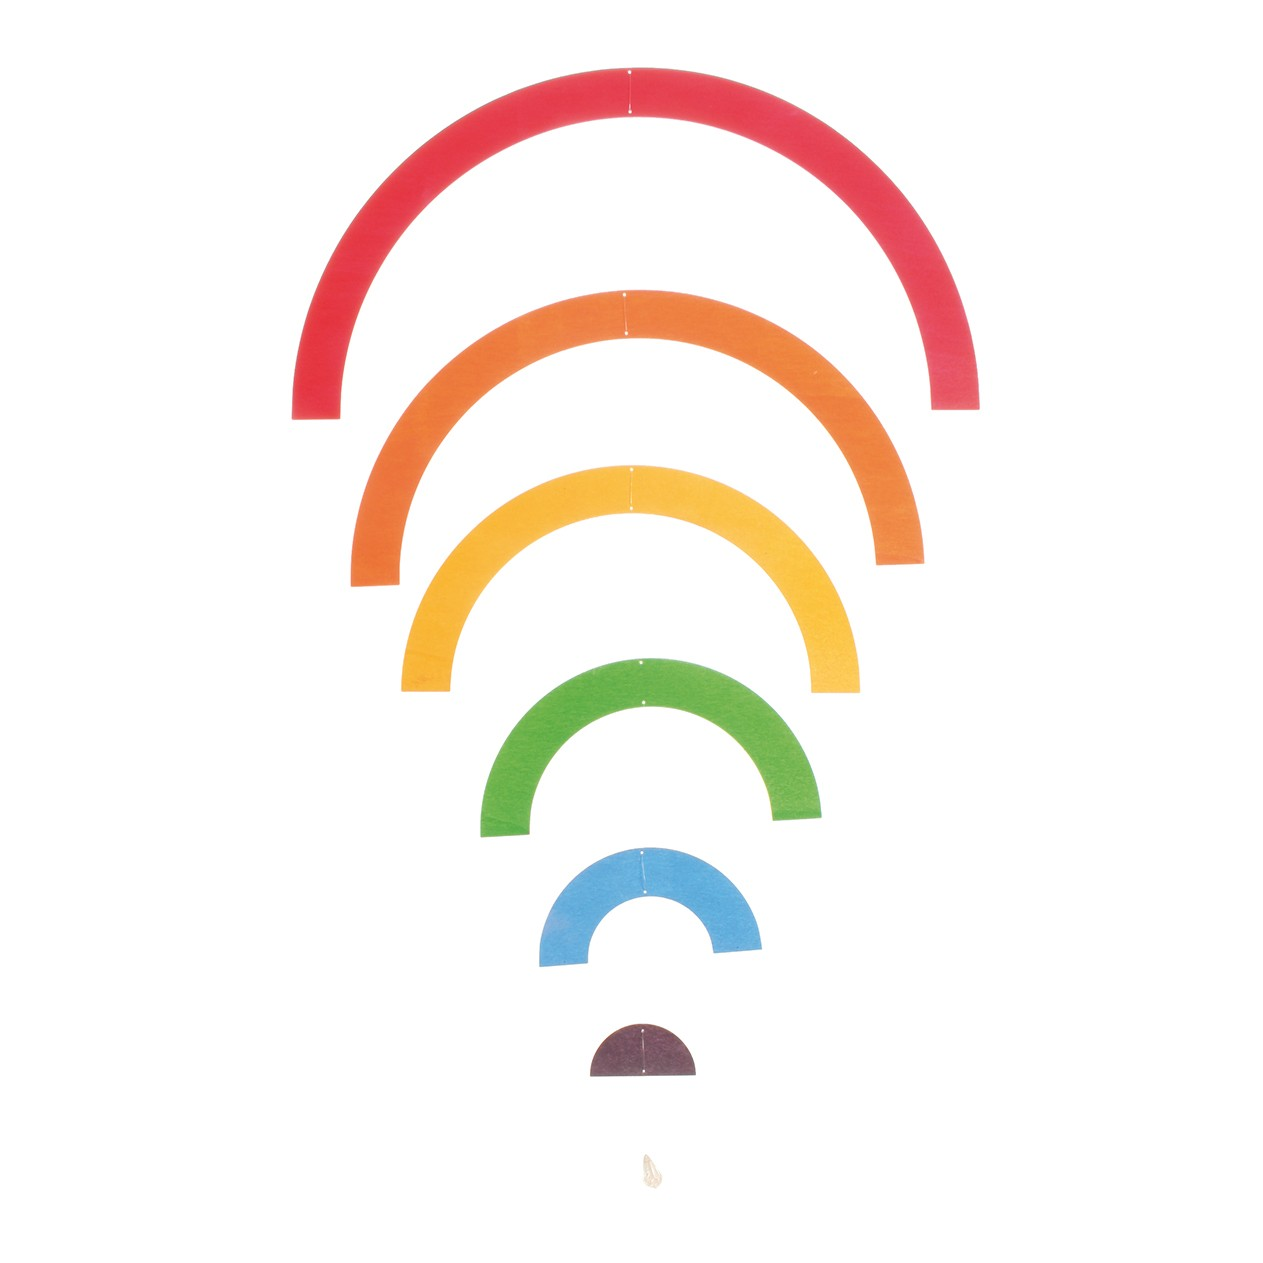 70240_grimm_s_mobile-rainbow_1_ Rainbow Mobile Homes Frederick Colorado on homes arvada colorado, ranch homes in parker colorado, homes greeley colorado, homes boulder colorado, homes aurora colorado,